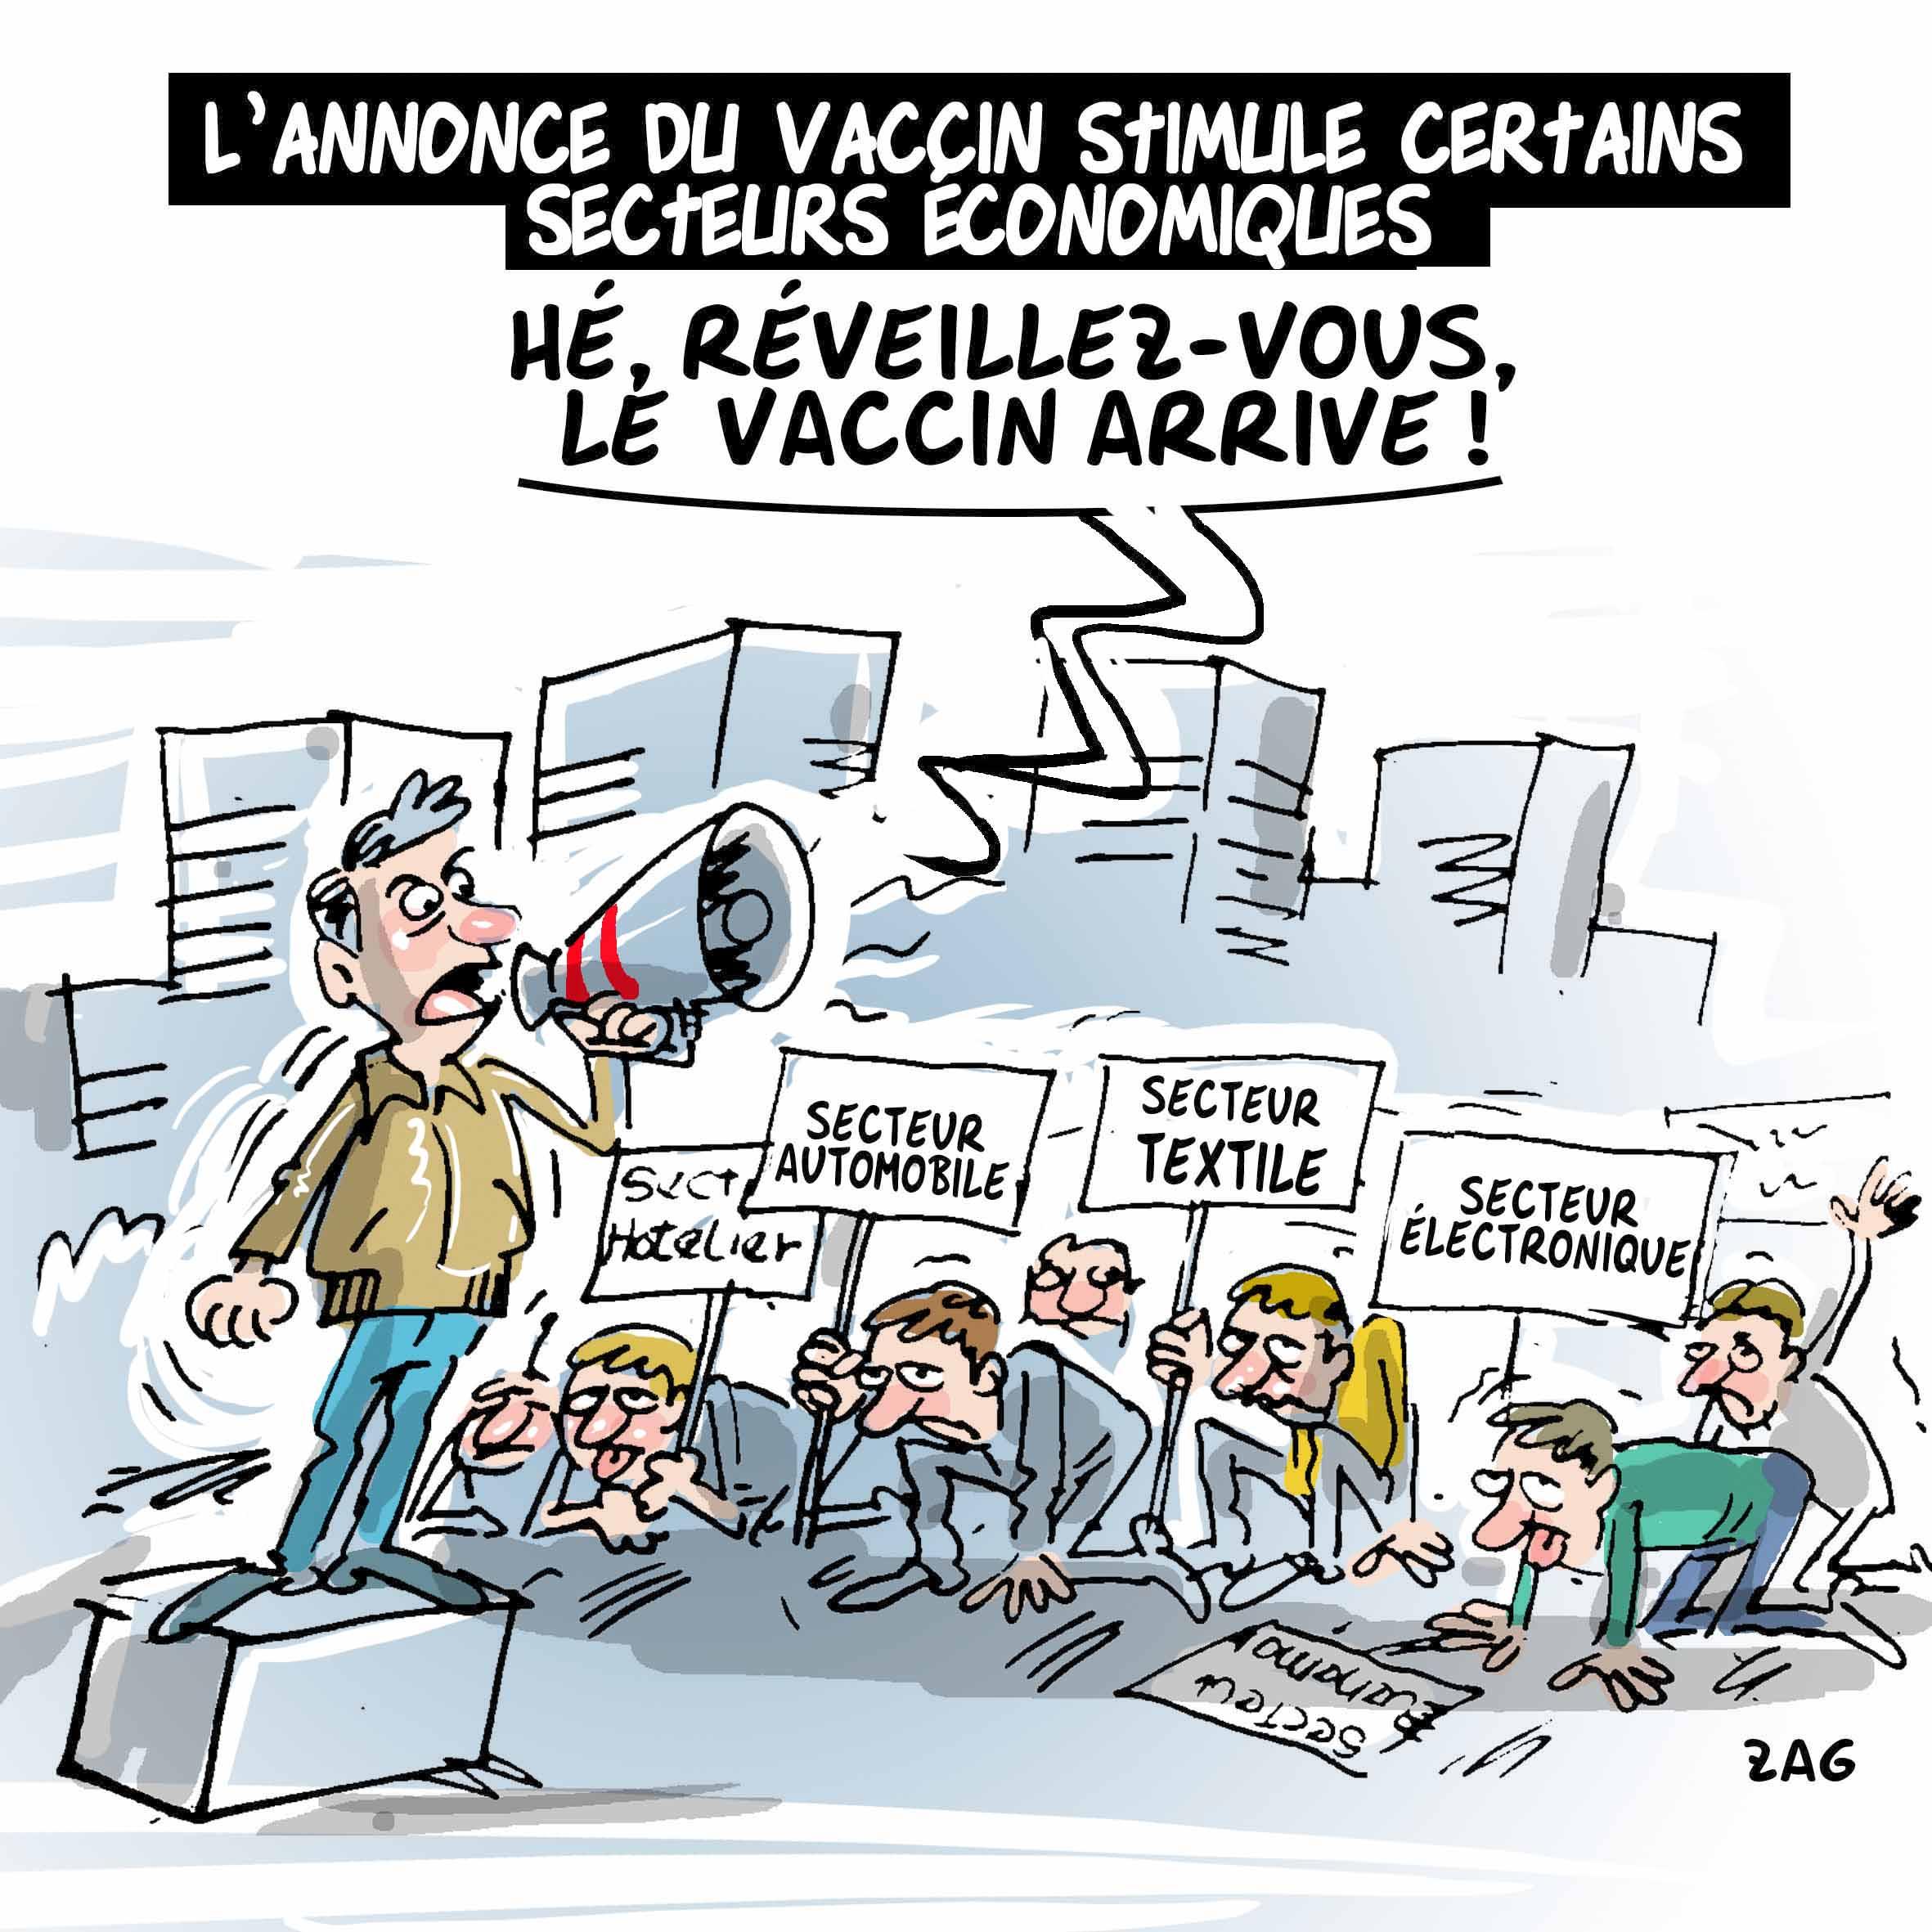 L'annonce du vaccin stimule certains secteurs économiques